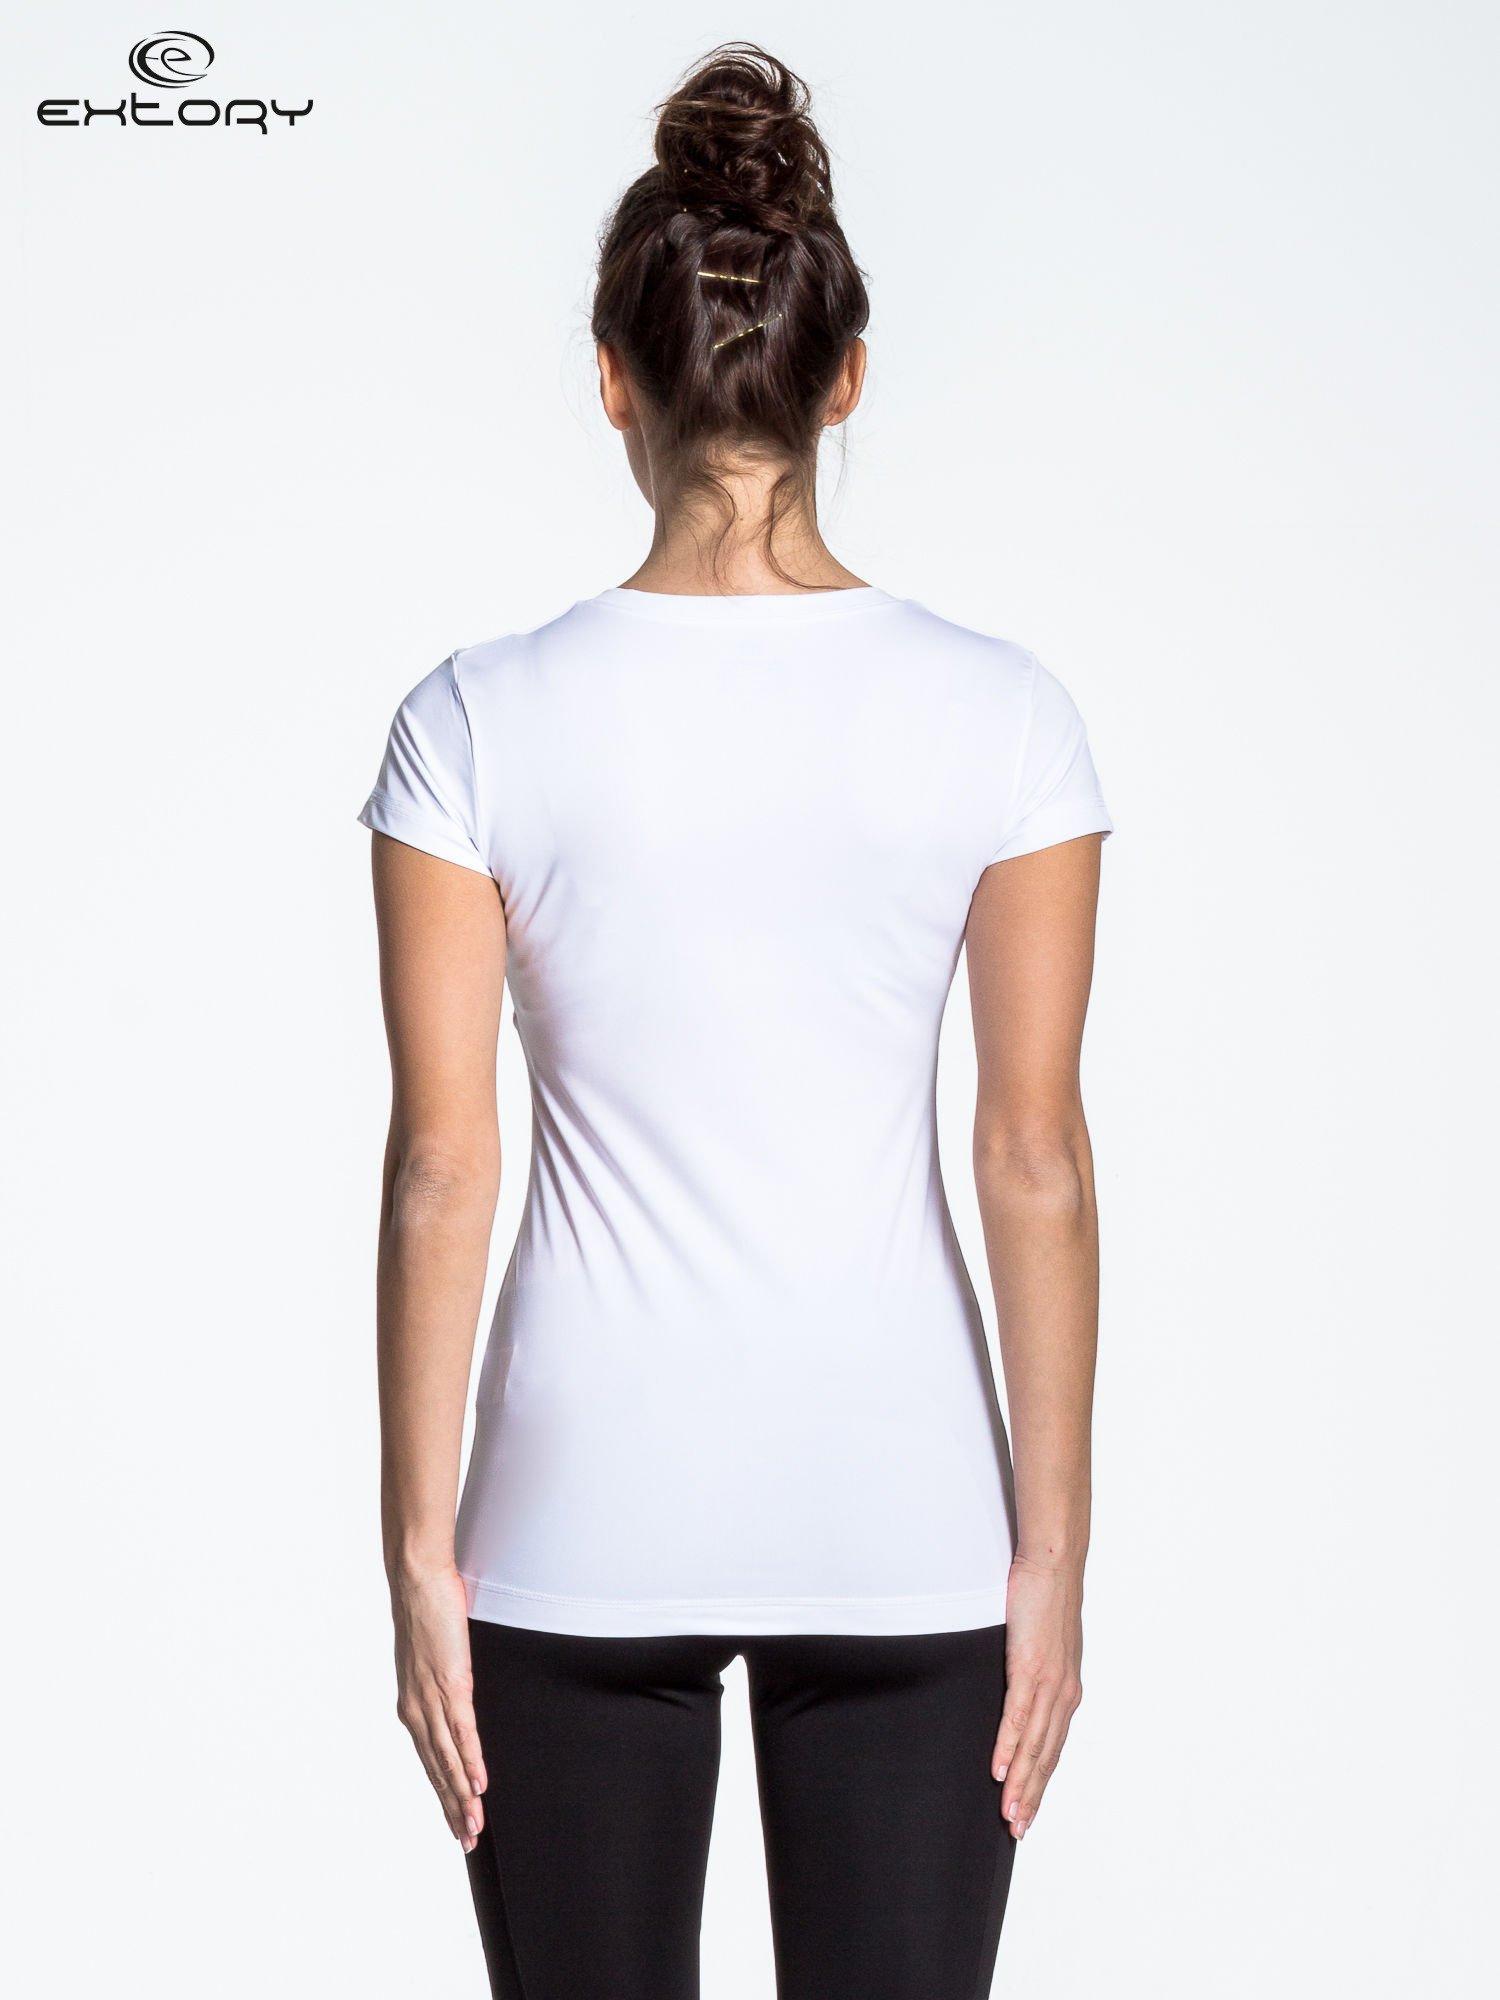 Biały modelujący t-shirt sportowy z przeszyciami                                  zdj.                                  3